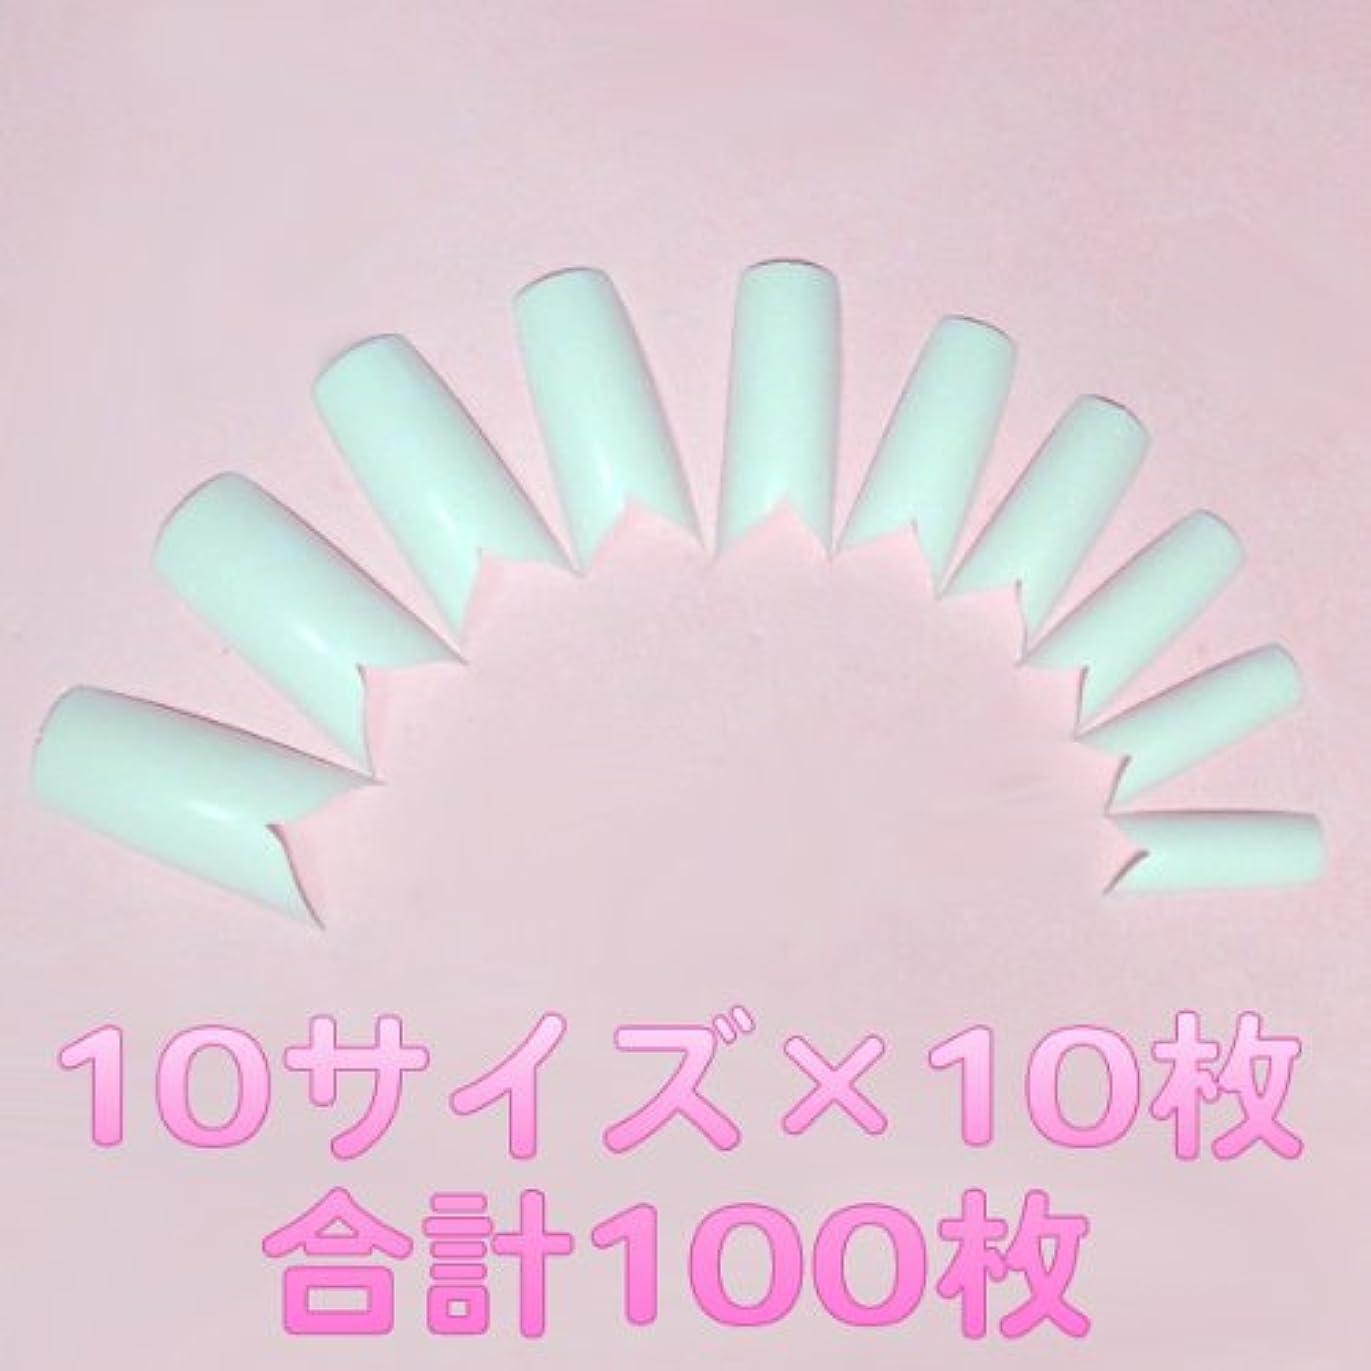 ピックプランター金銭的ネイルチップ フレンチホワイト ハーフタイプ シャープなスマイルライン[#c1] つけ爪付け爪